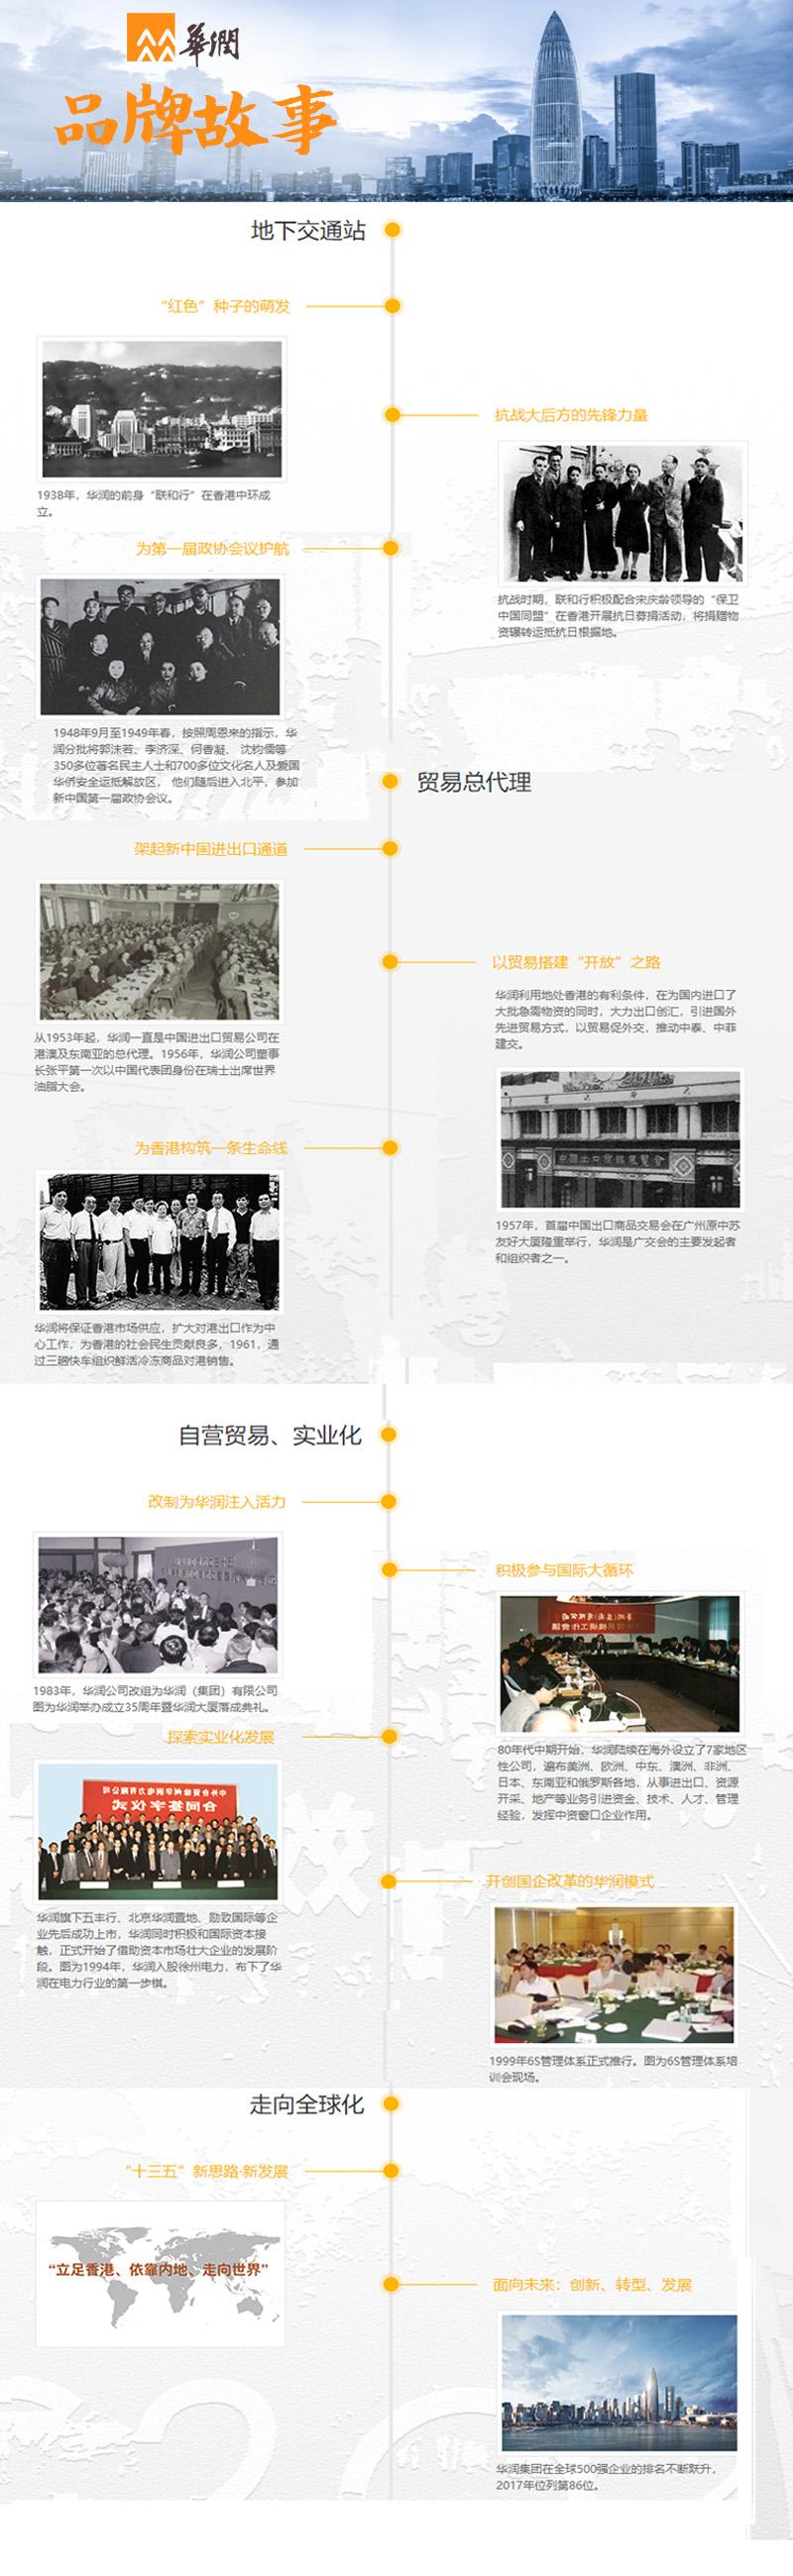 华润历史-2.jpg